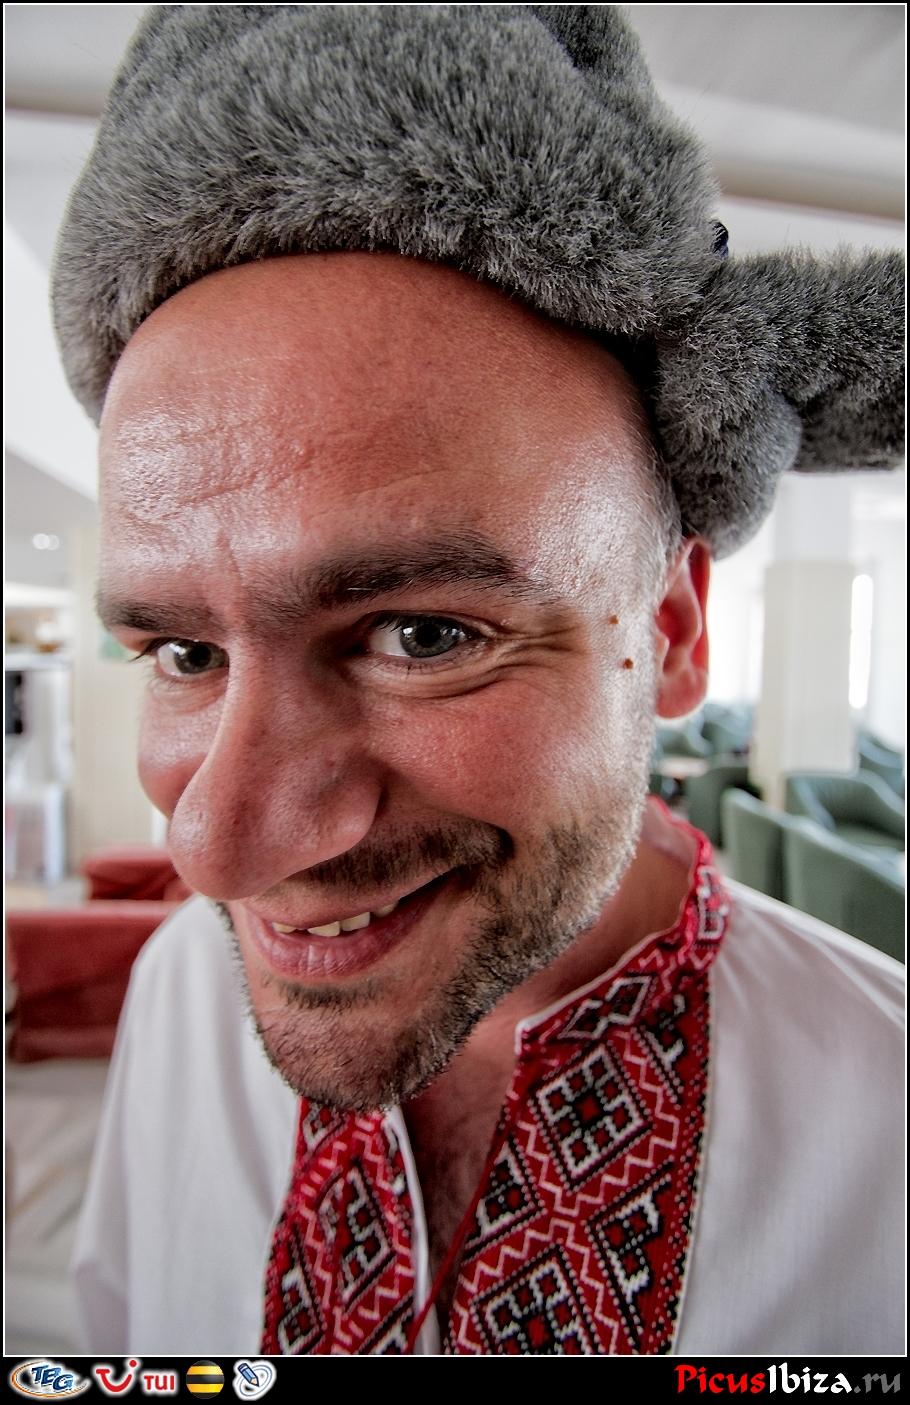 Третья песнь акына про блоггеров... 09.06.2011. Подготовка к флэшмобу.